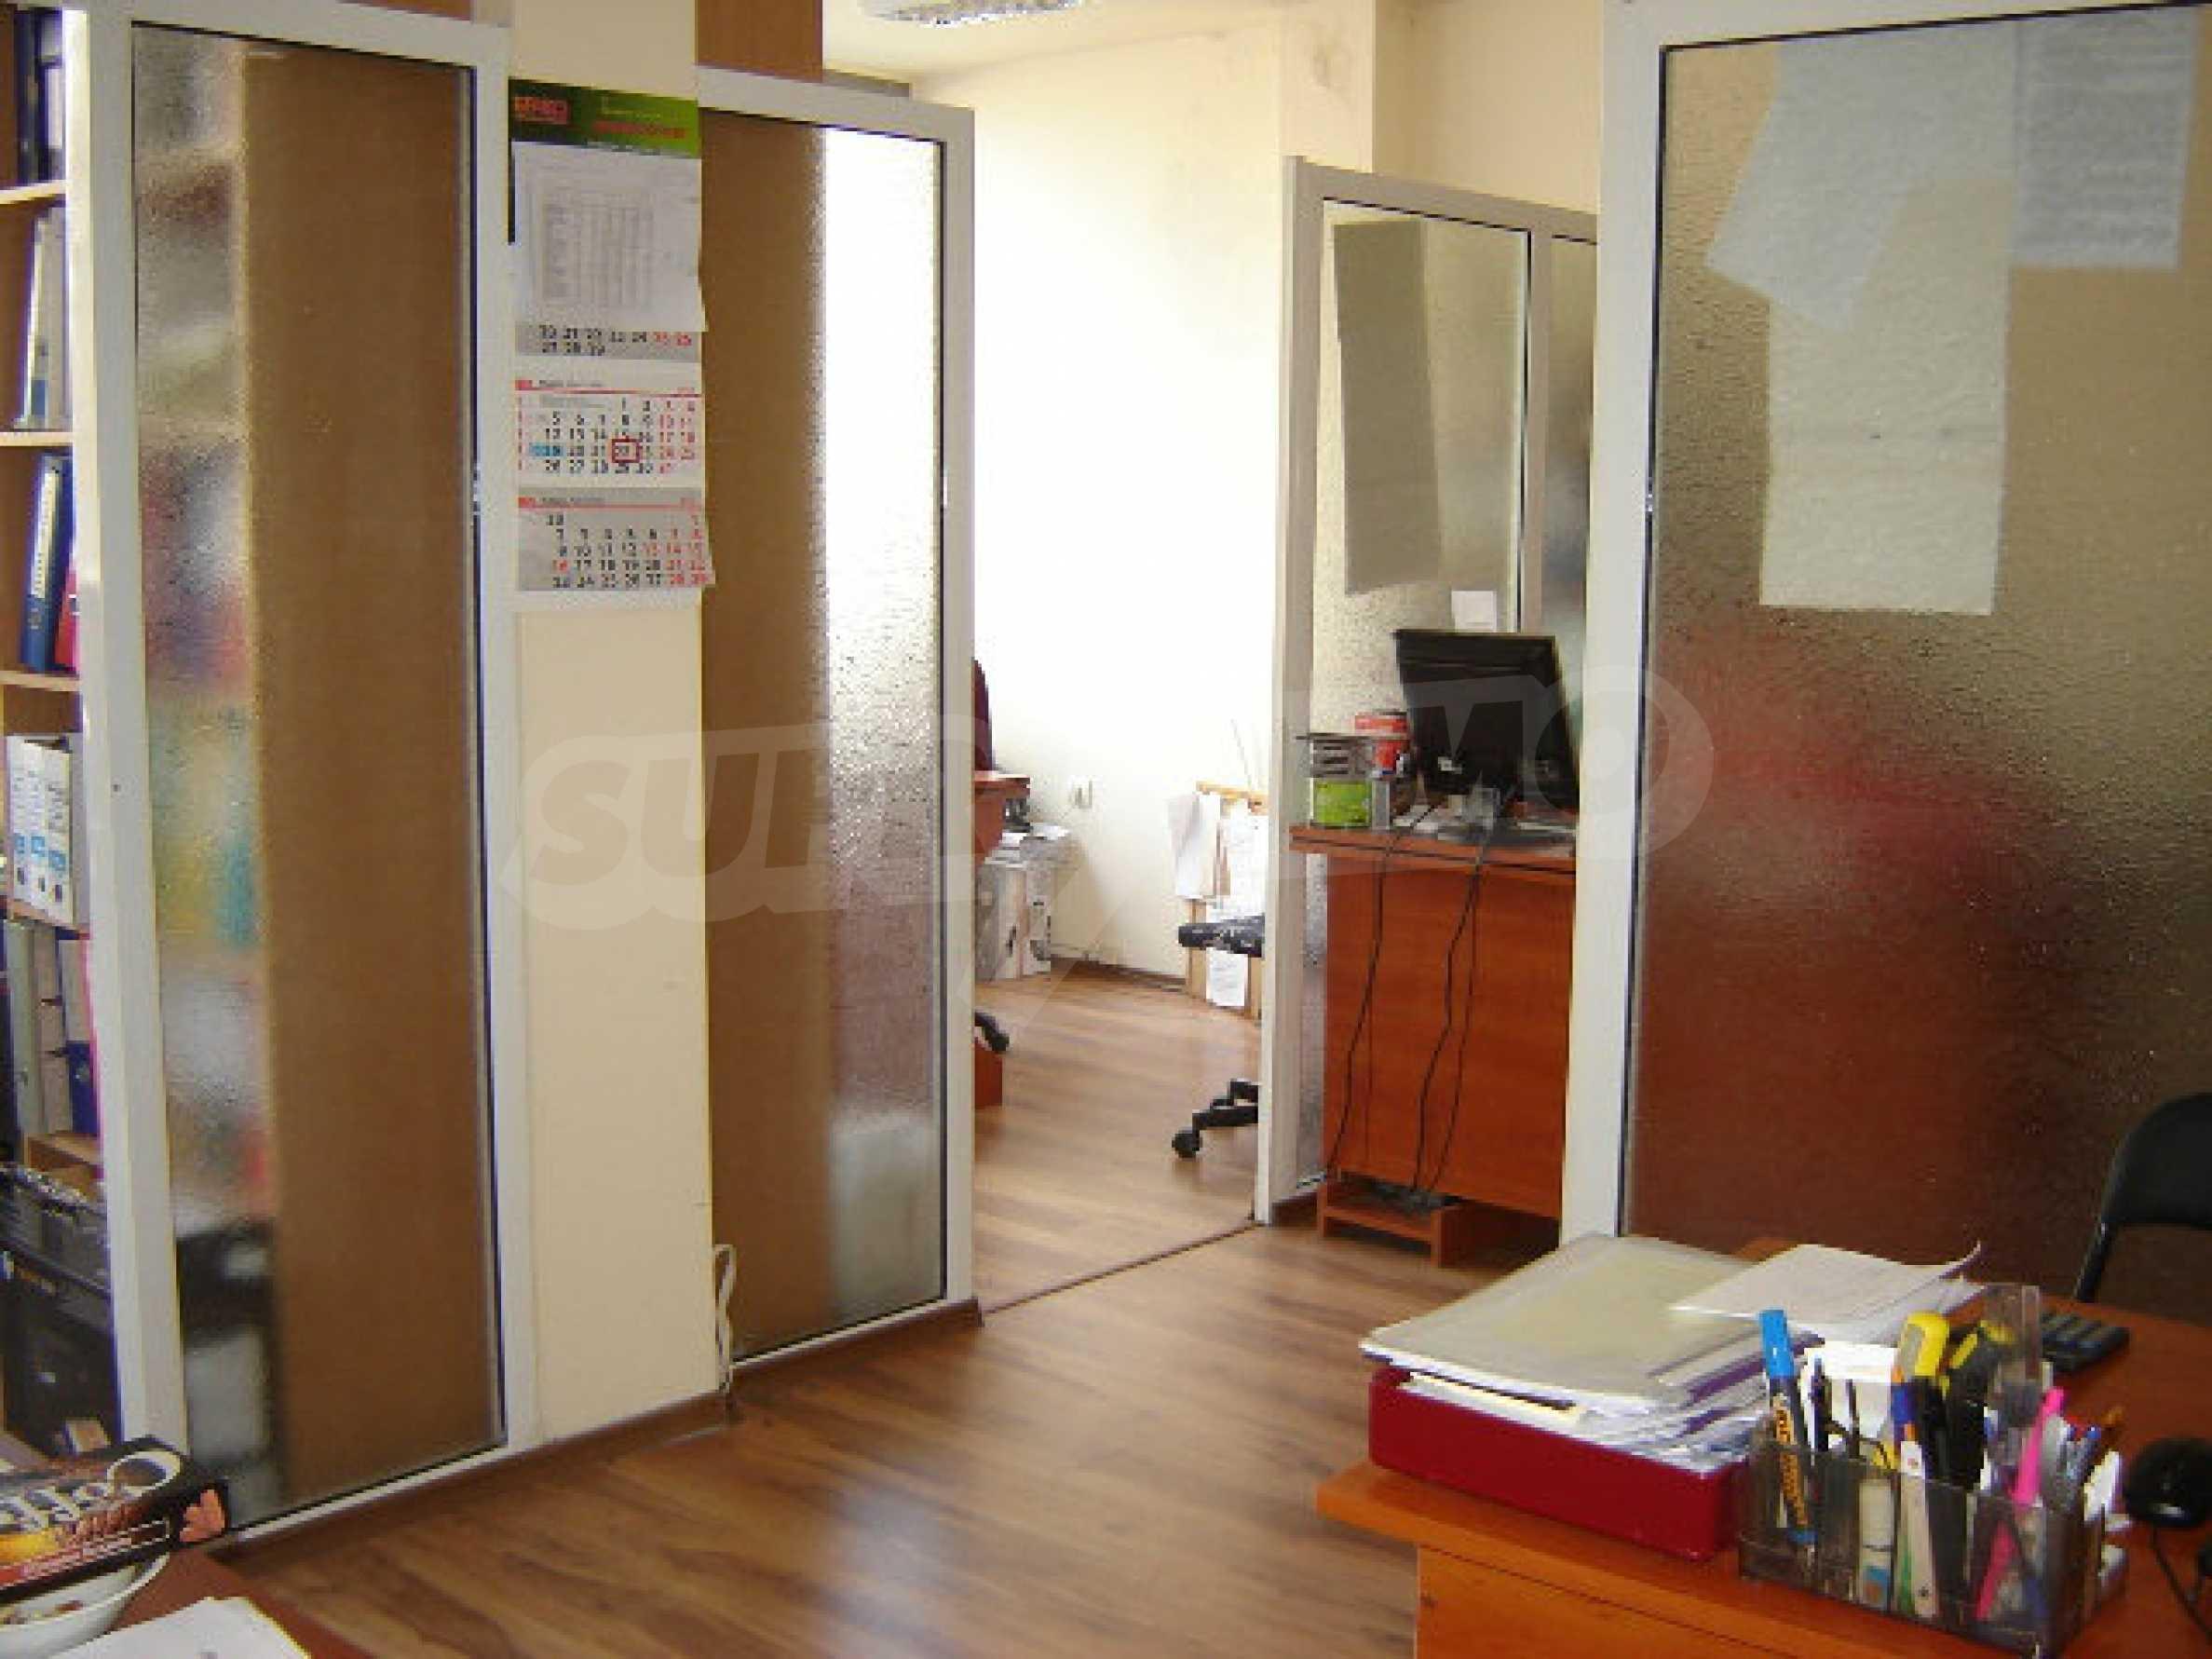 Geräumiges Büro in einem Luxusgebäude am Meer 20